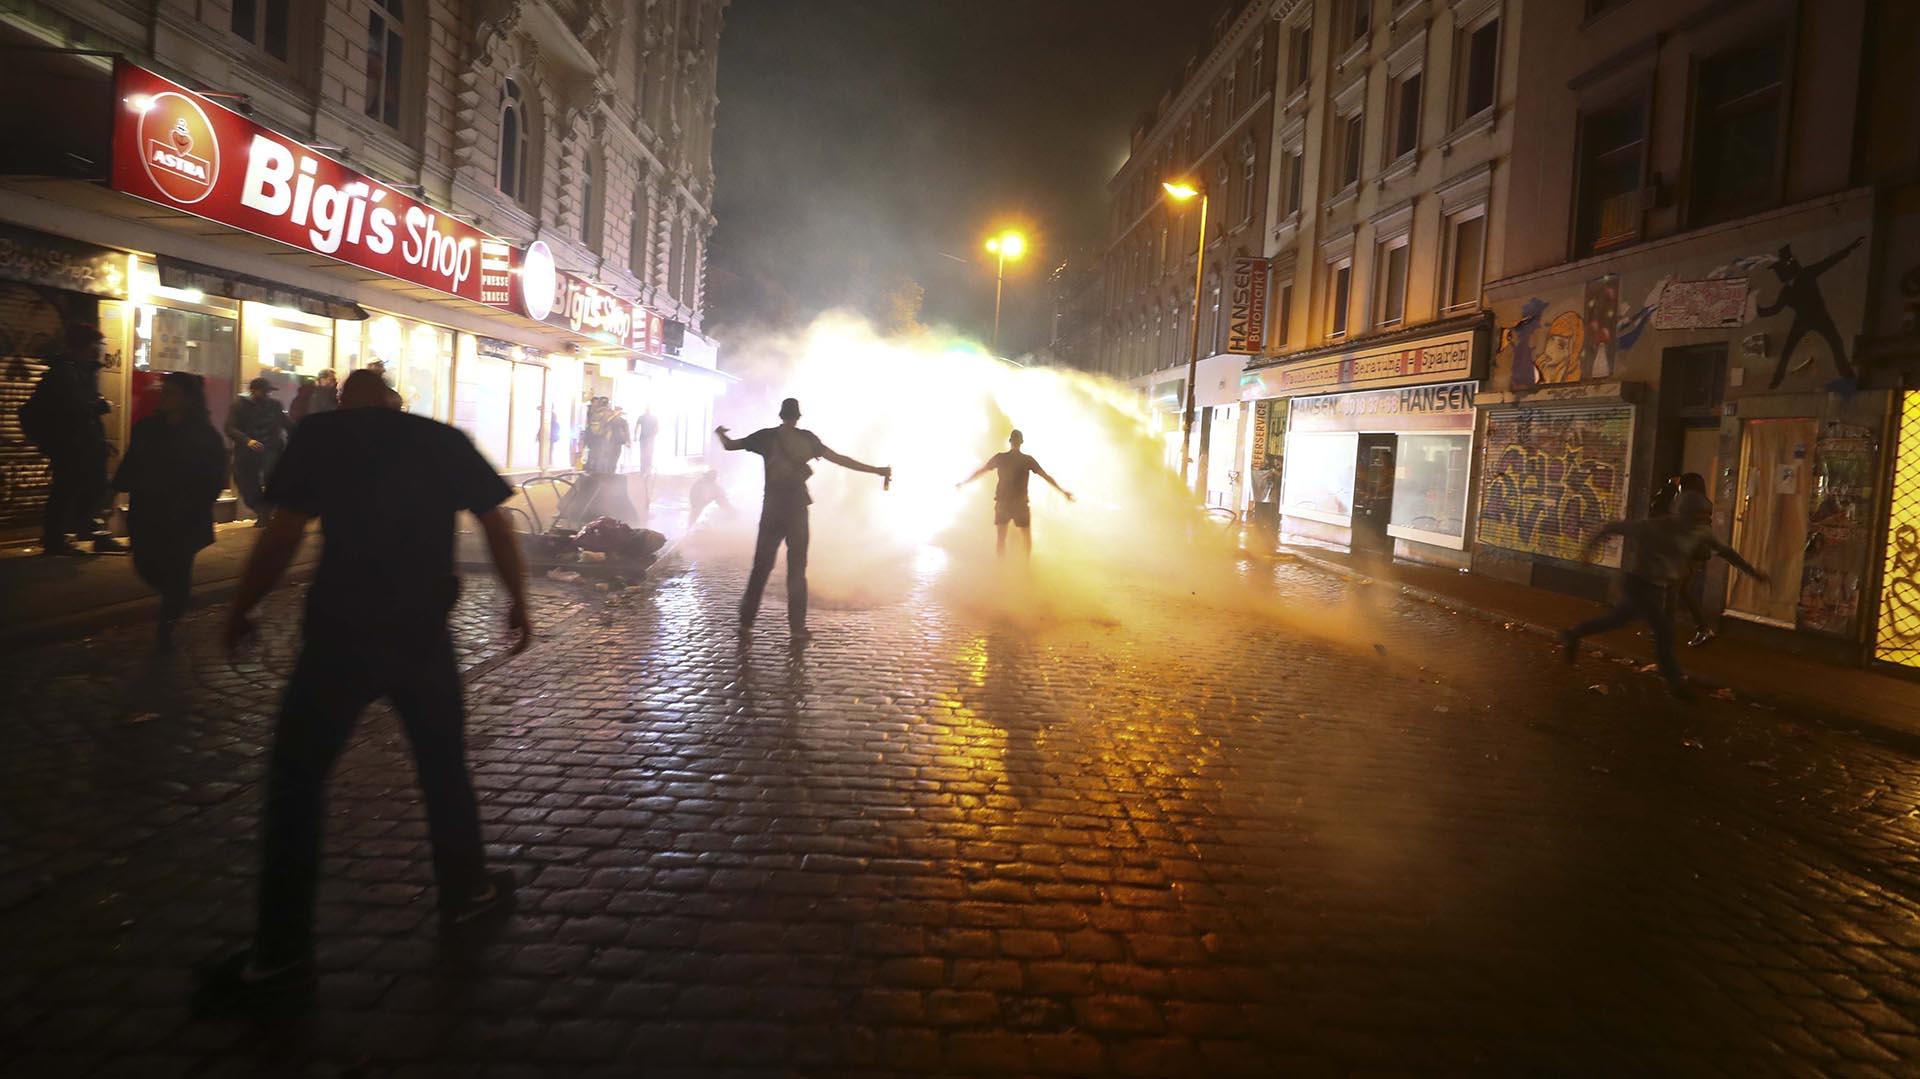 Incidentes durante la reunión del G20 en Hamburgo,Alemania (Reuters)